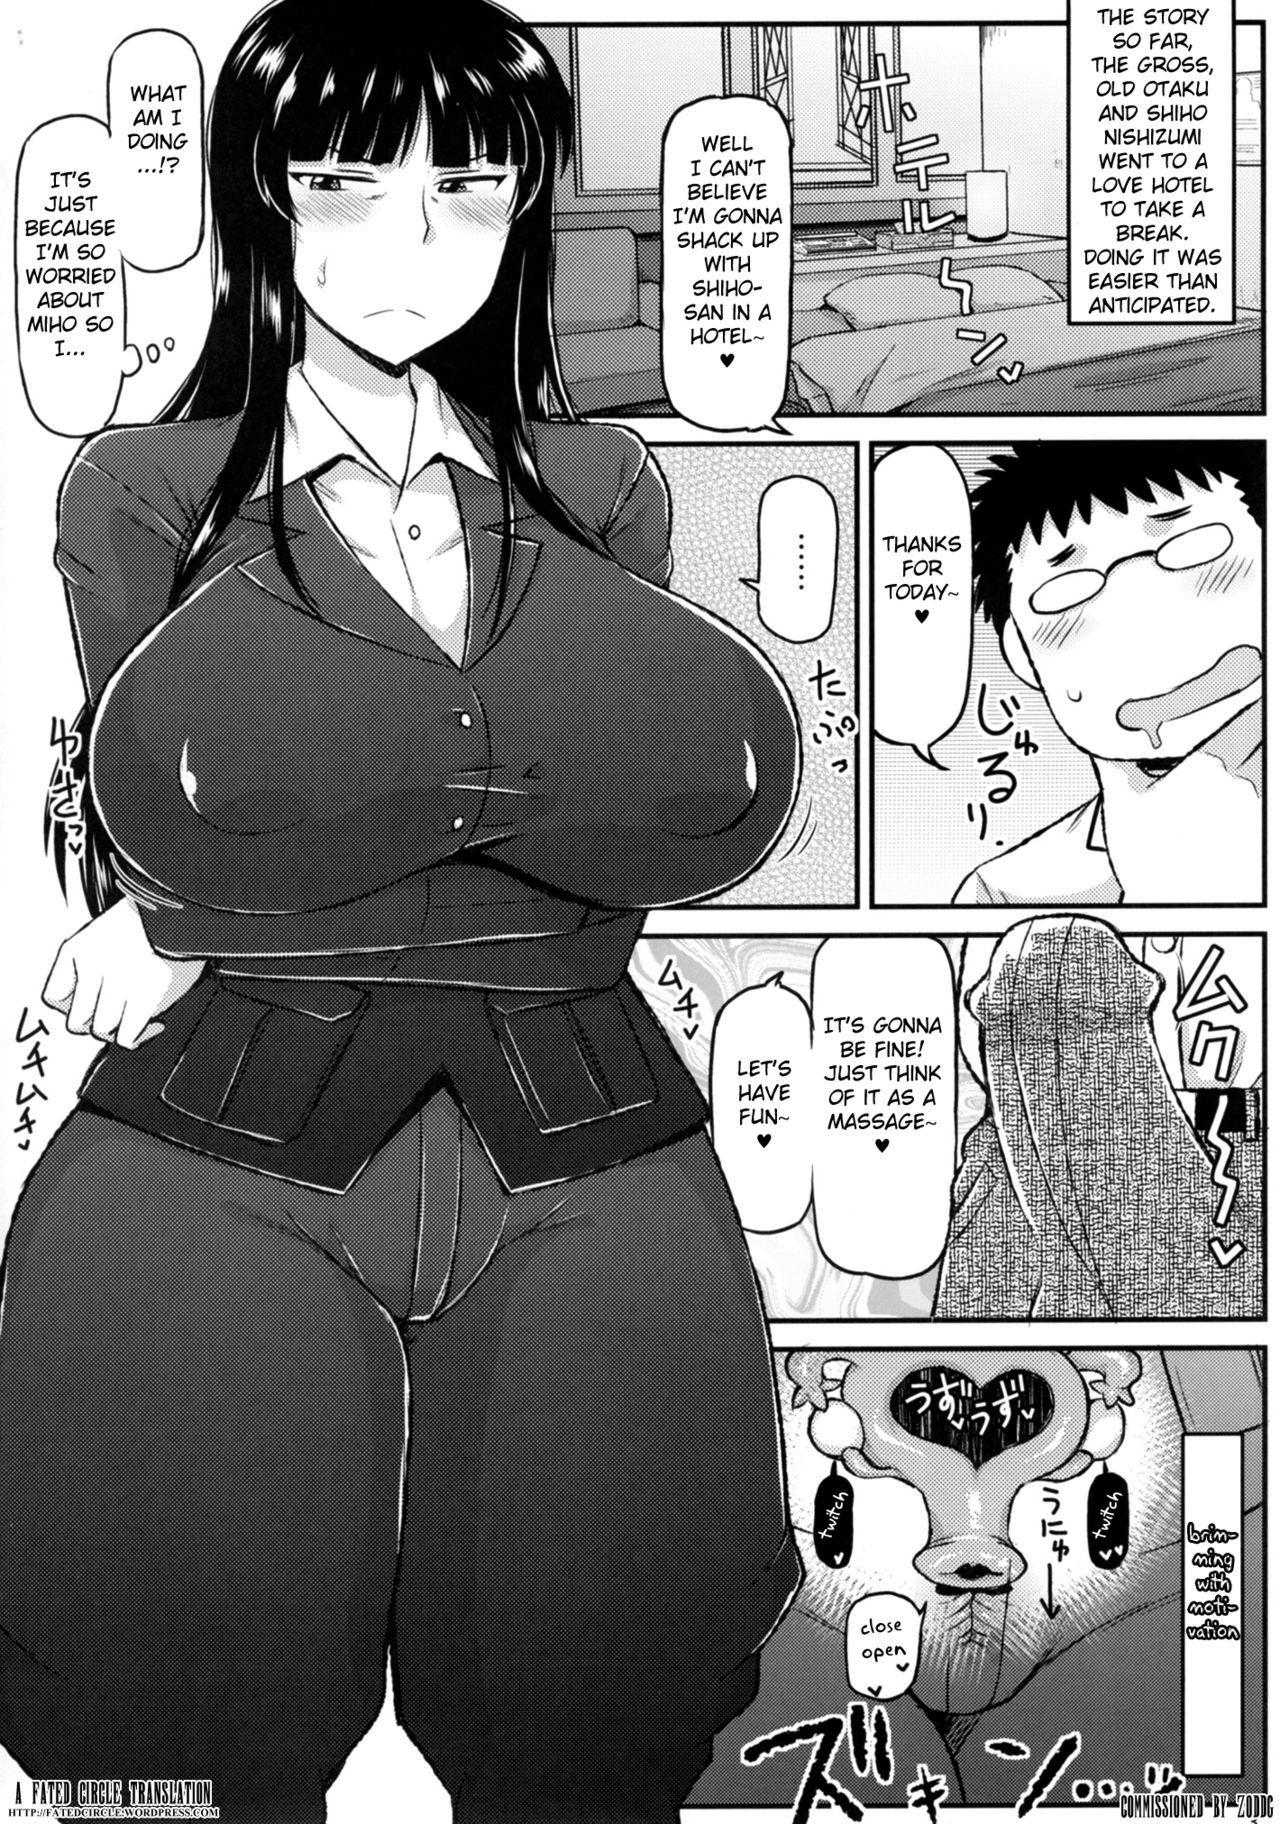 Girl?s & Semen III Nishizumi Shiho no Moteamashita Ureure Body o Chuunen Chinpo de Soutou Sakusen! Iemoto Ransou ni Idenshi Seichuu Butai Shinkou Kaishi 3